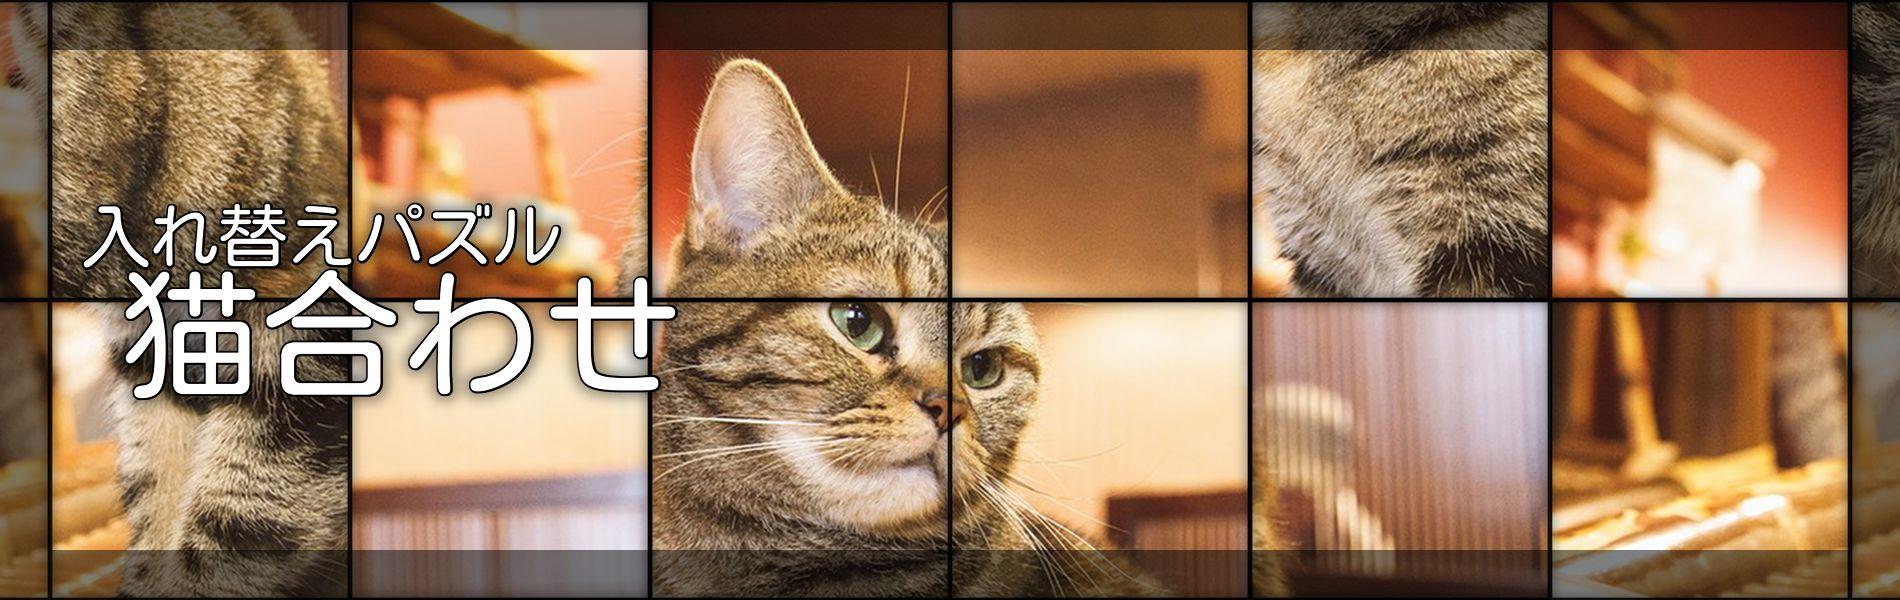 入れ替えパズル 猫合わせ